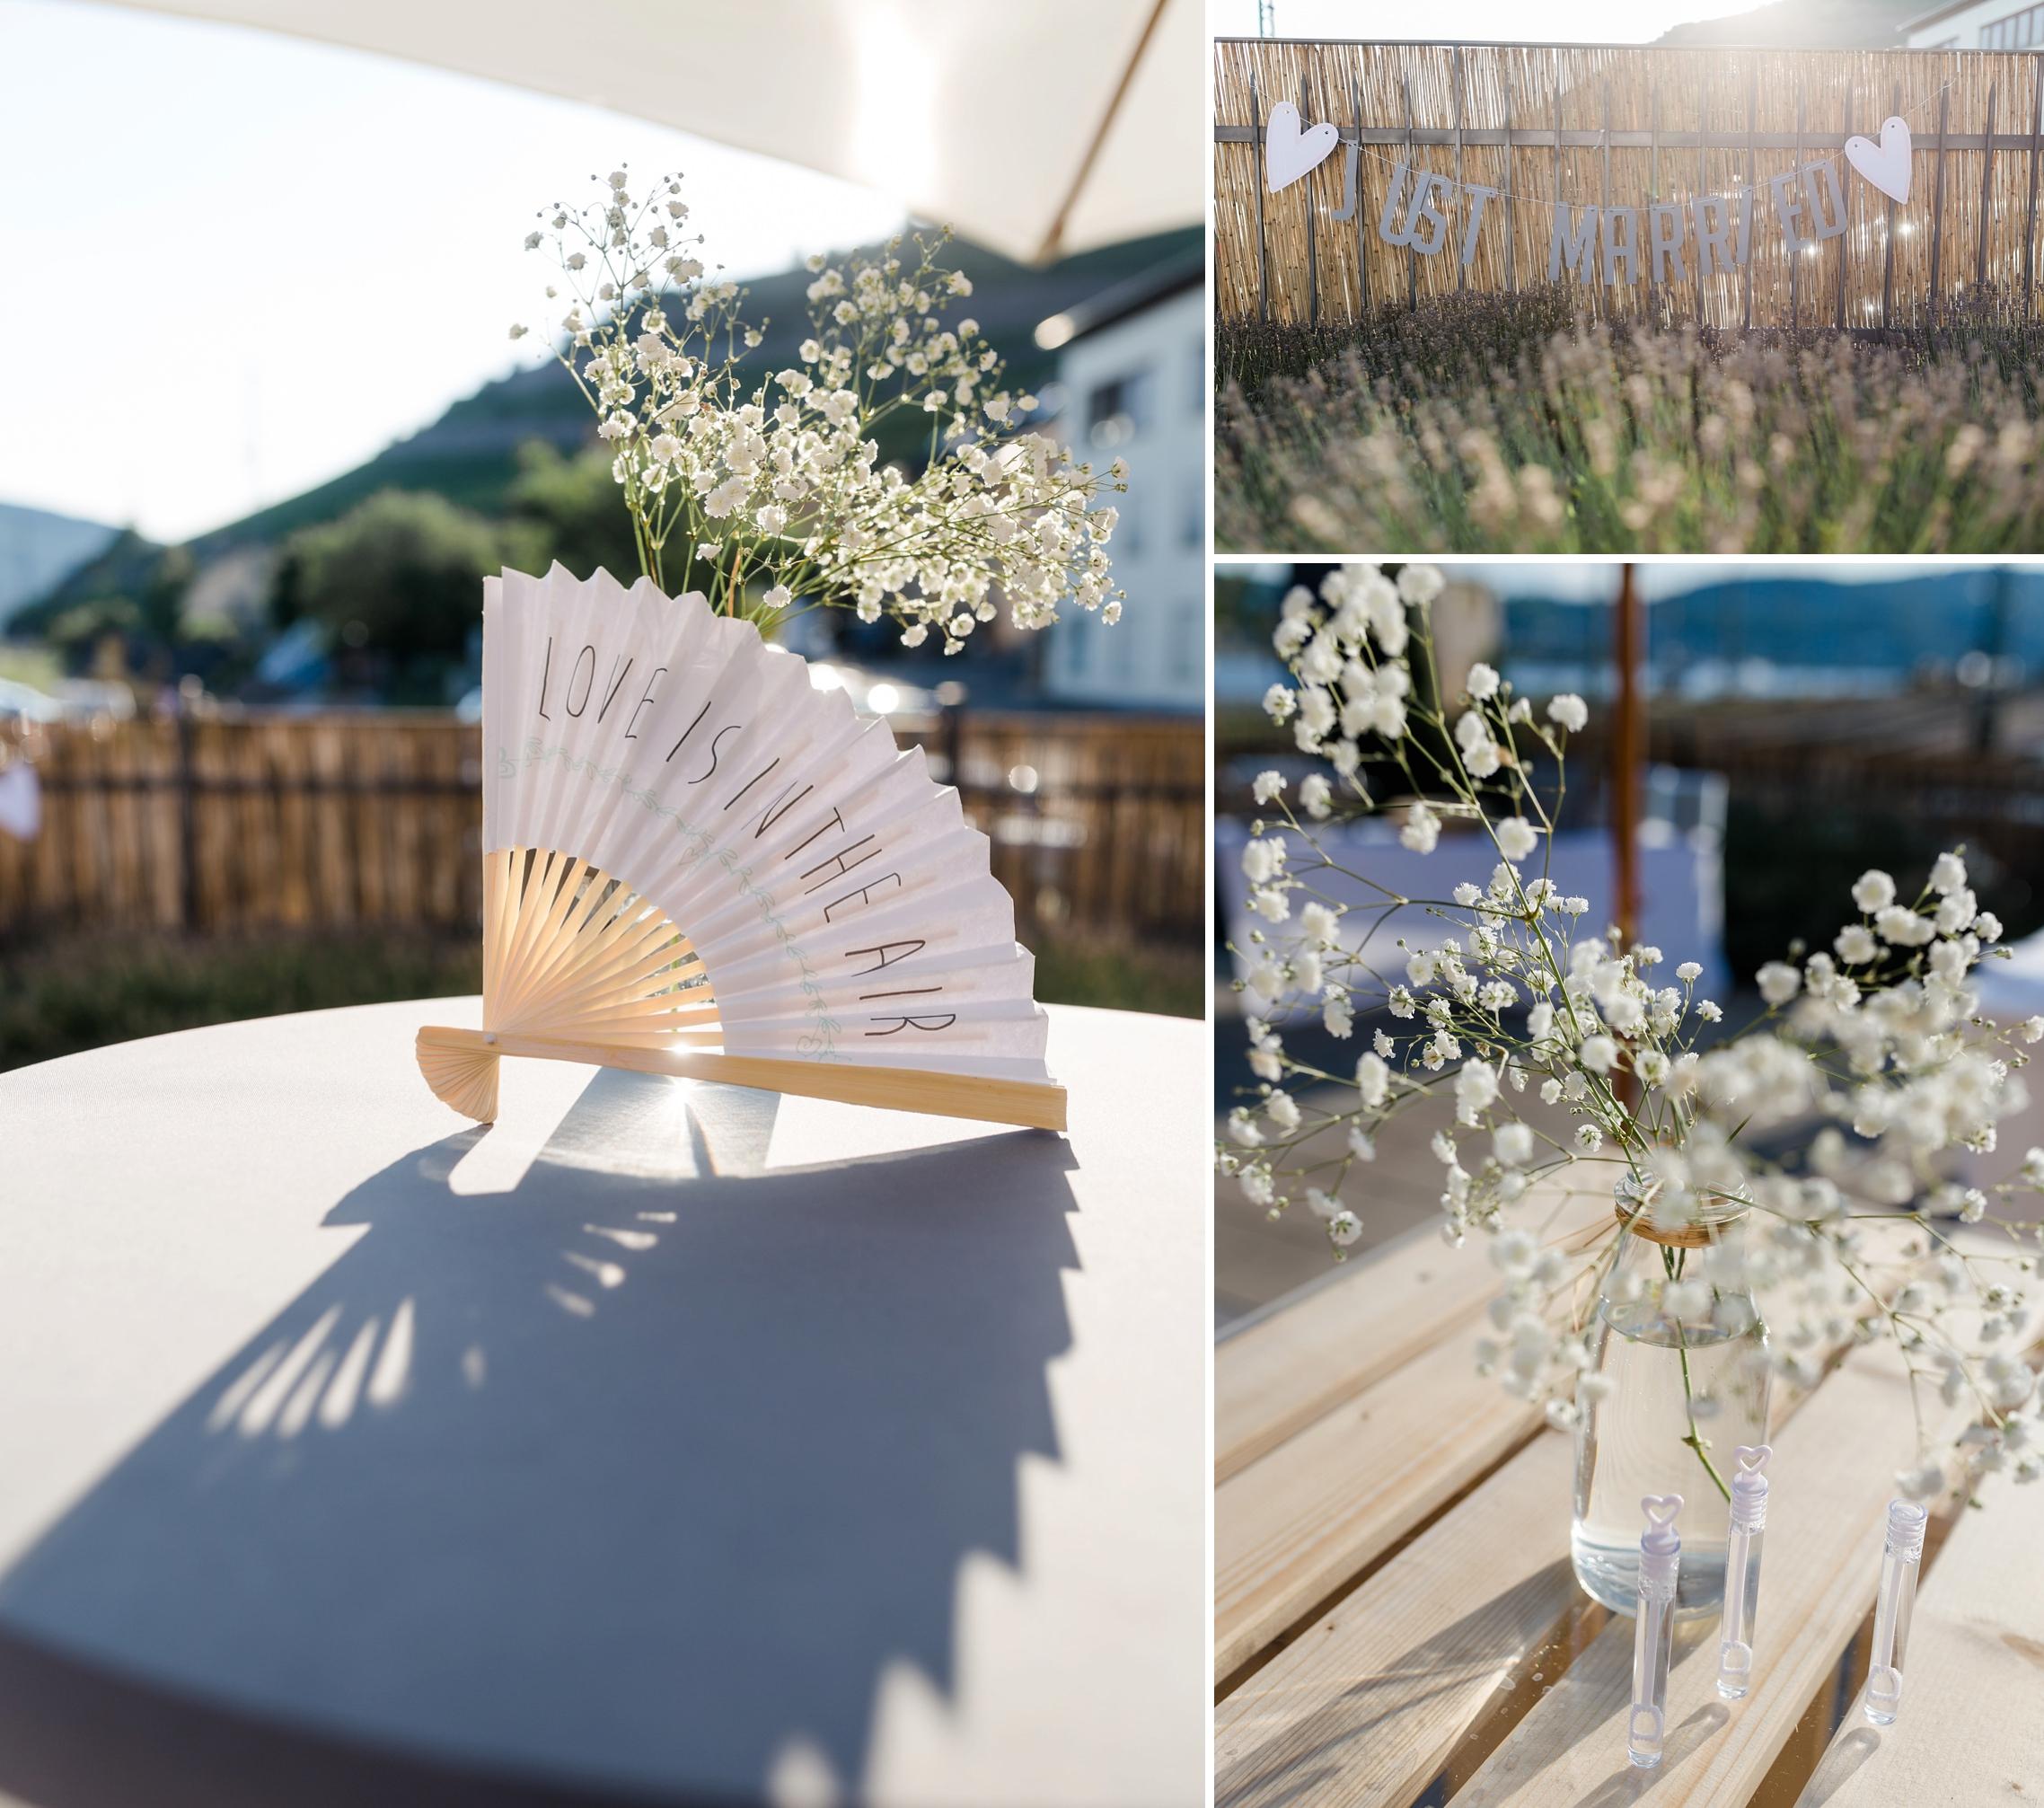 Deko-Details mit Blumen und Fächern bei dieser Rheingau-Hochzeit im Bahnhof in Rüdesheim.